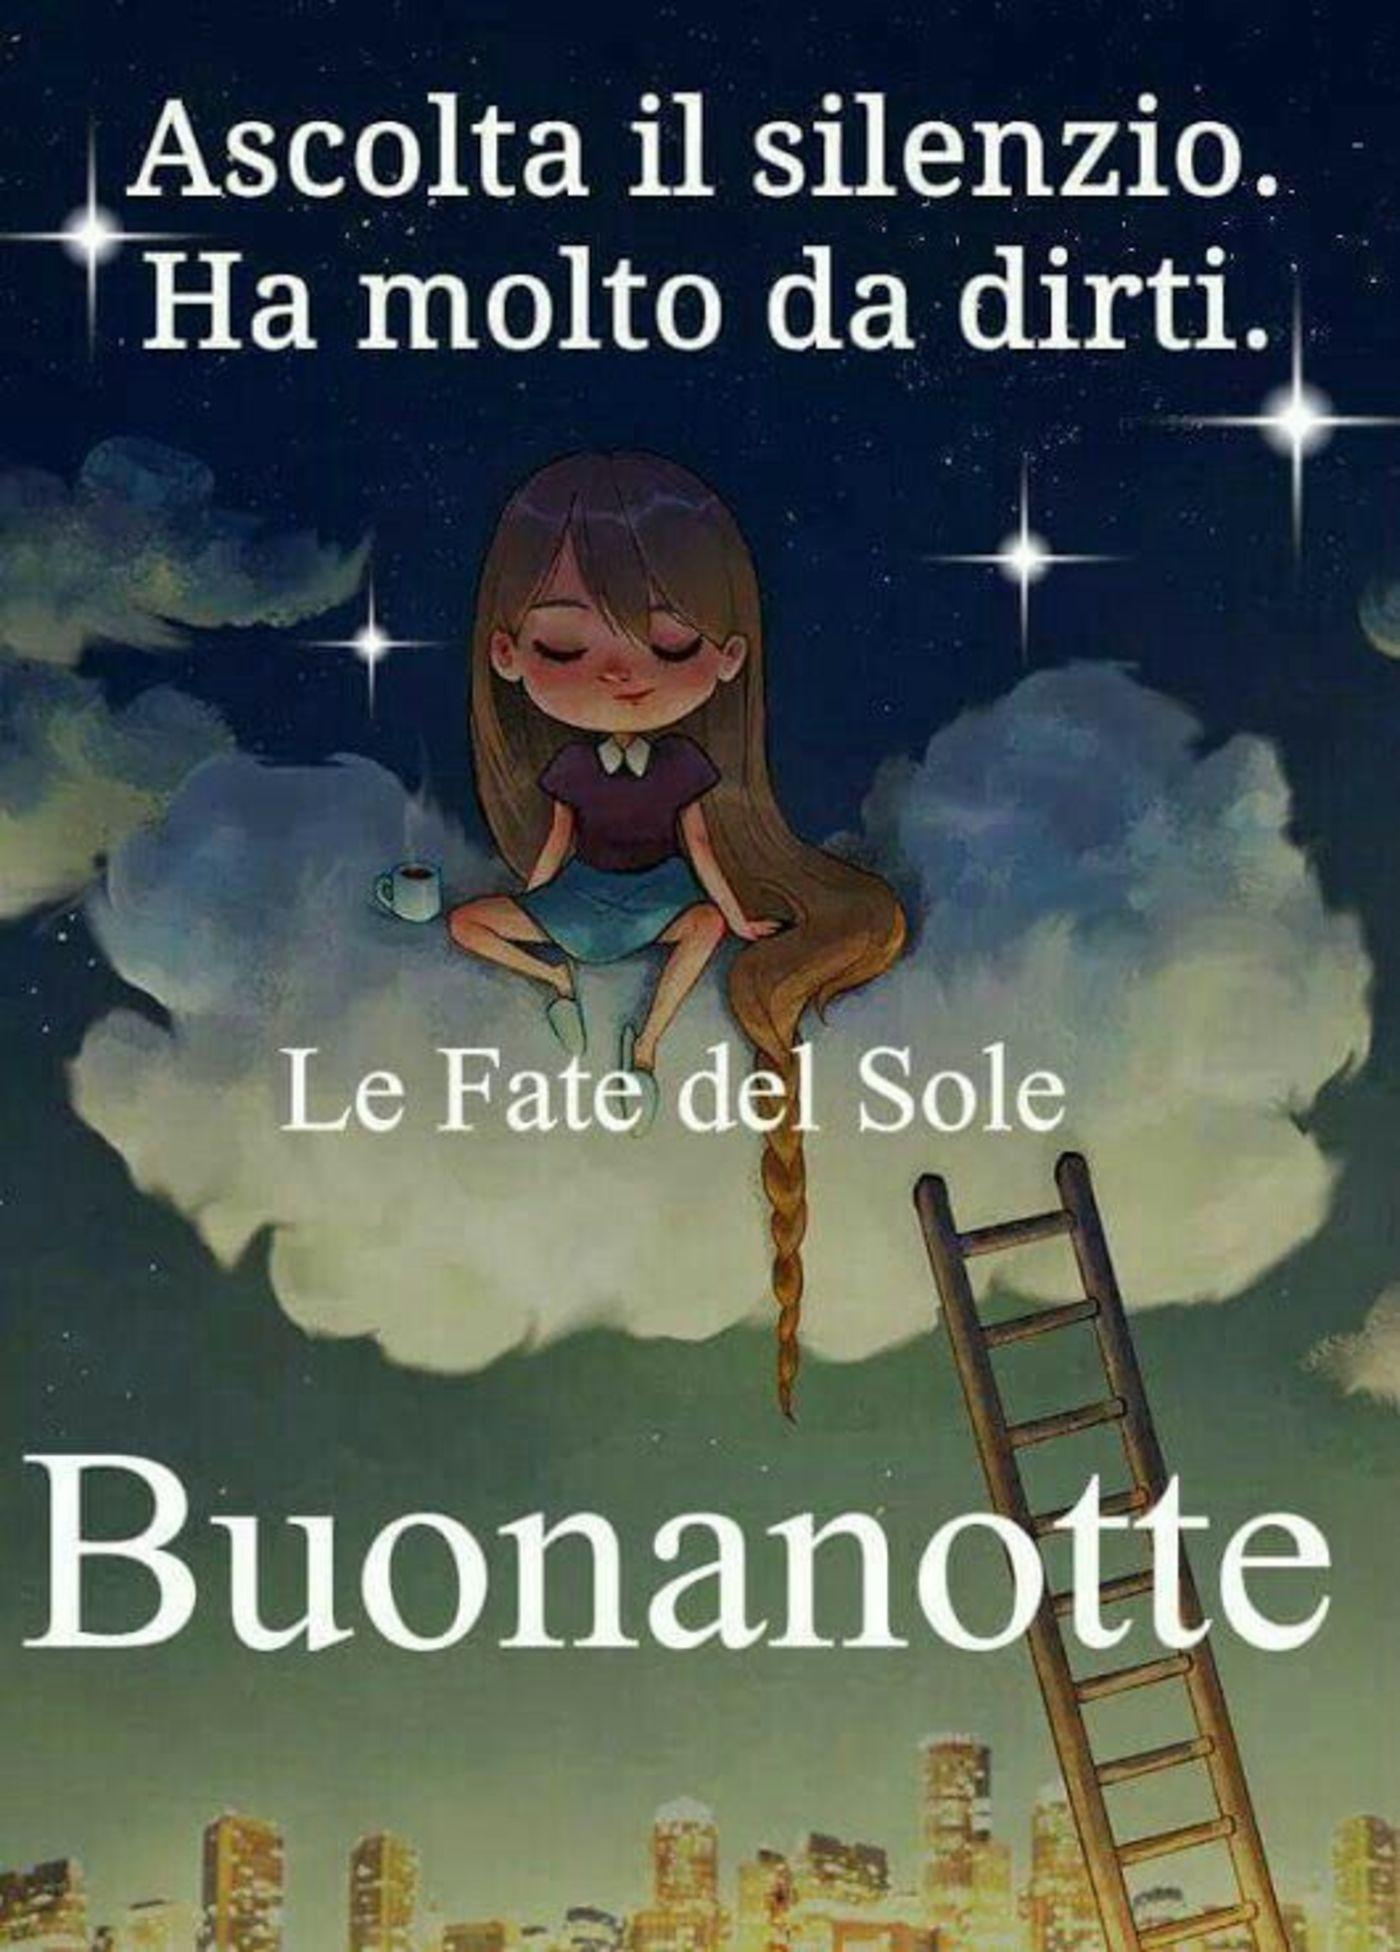 Buonanotte Amici Buongiornissimocaffe It